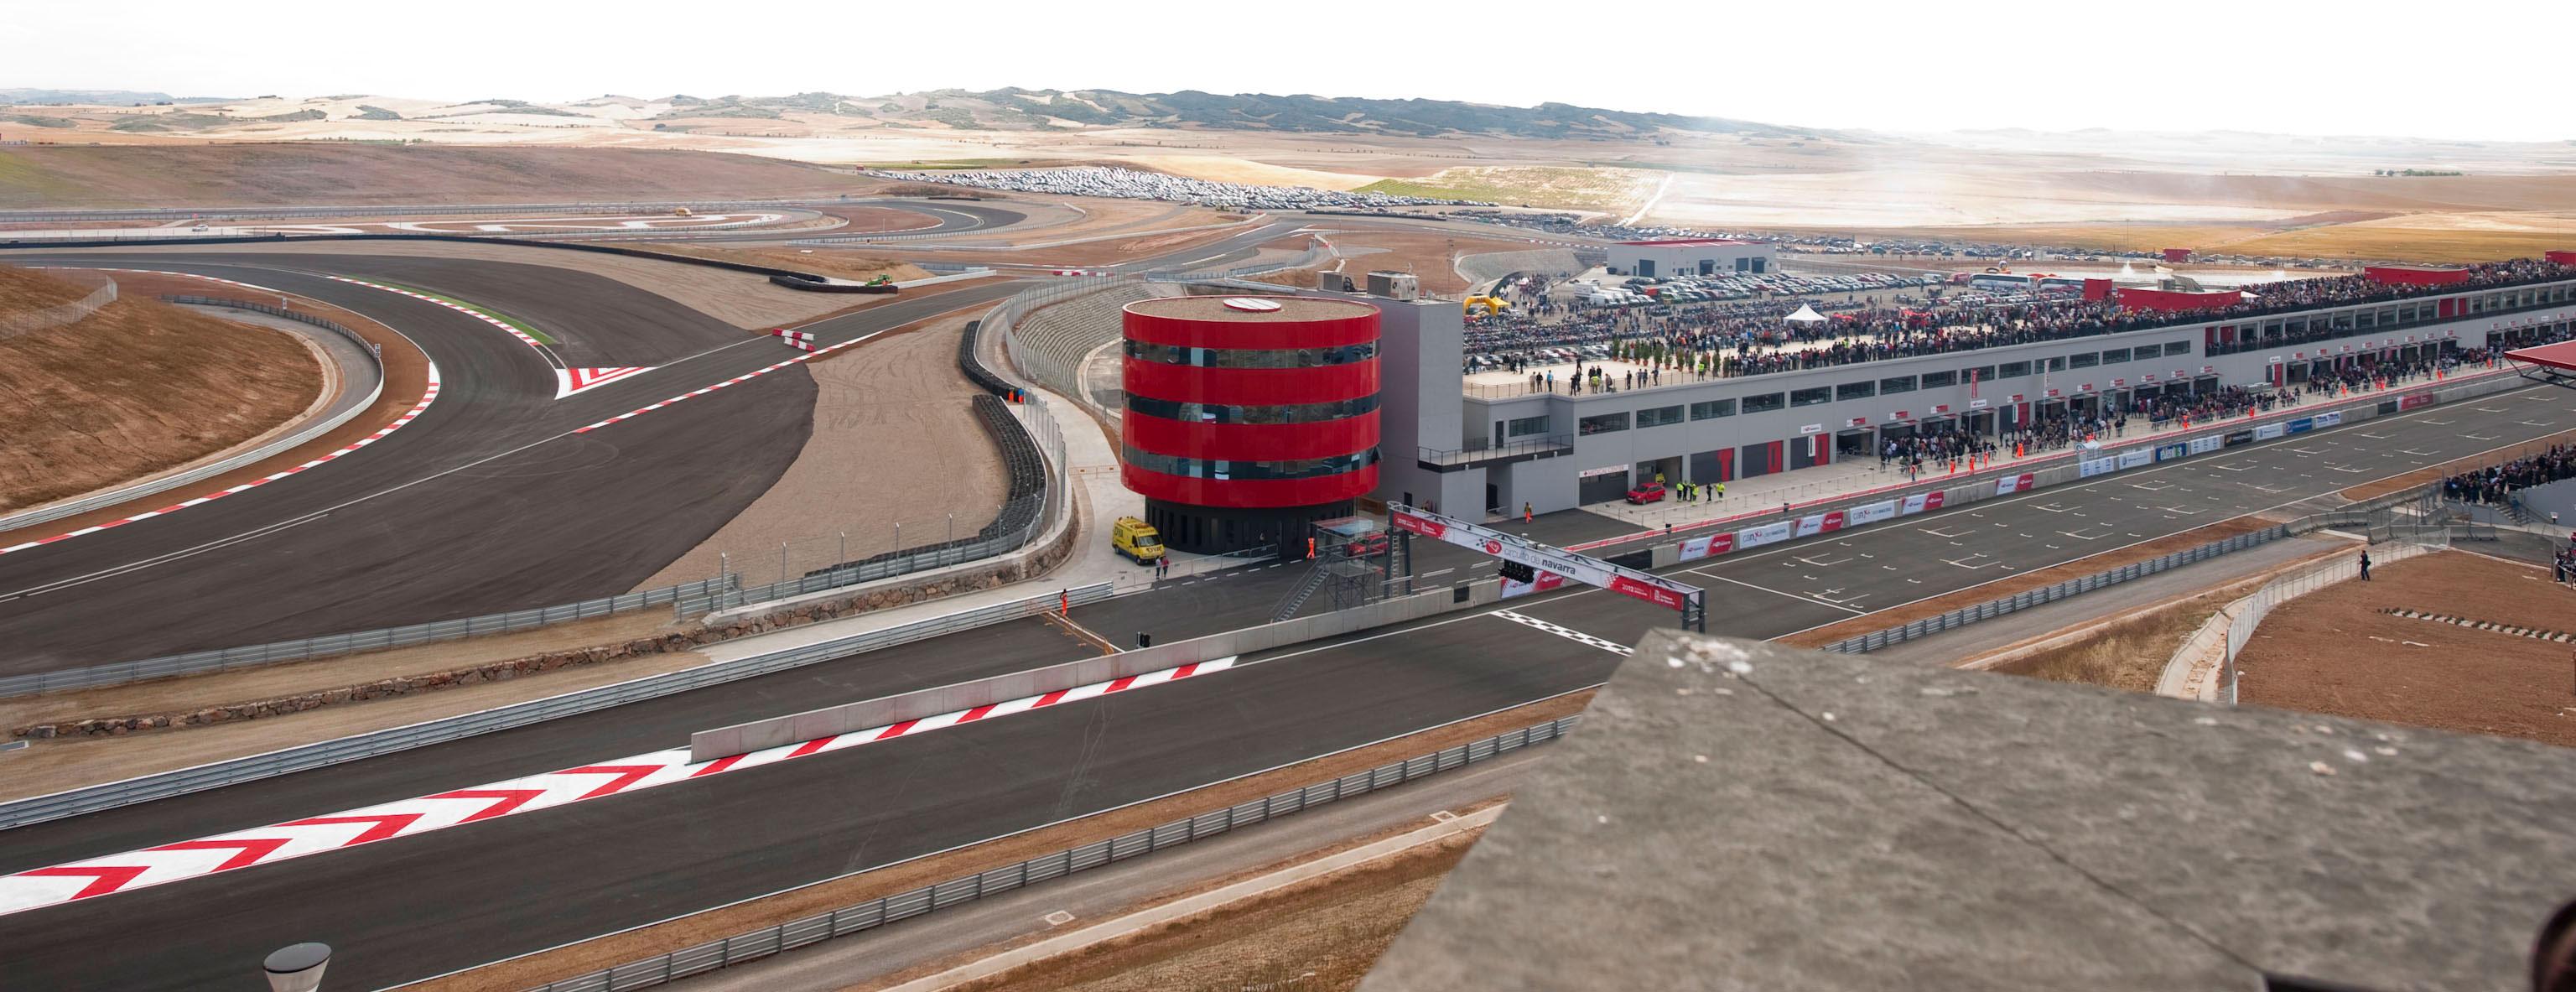 Circuito Navarra : El presidente sanz inaugura en los arcos el circuito de navarra